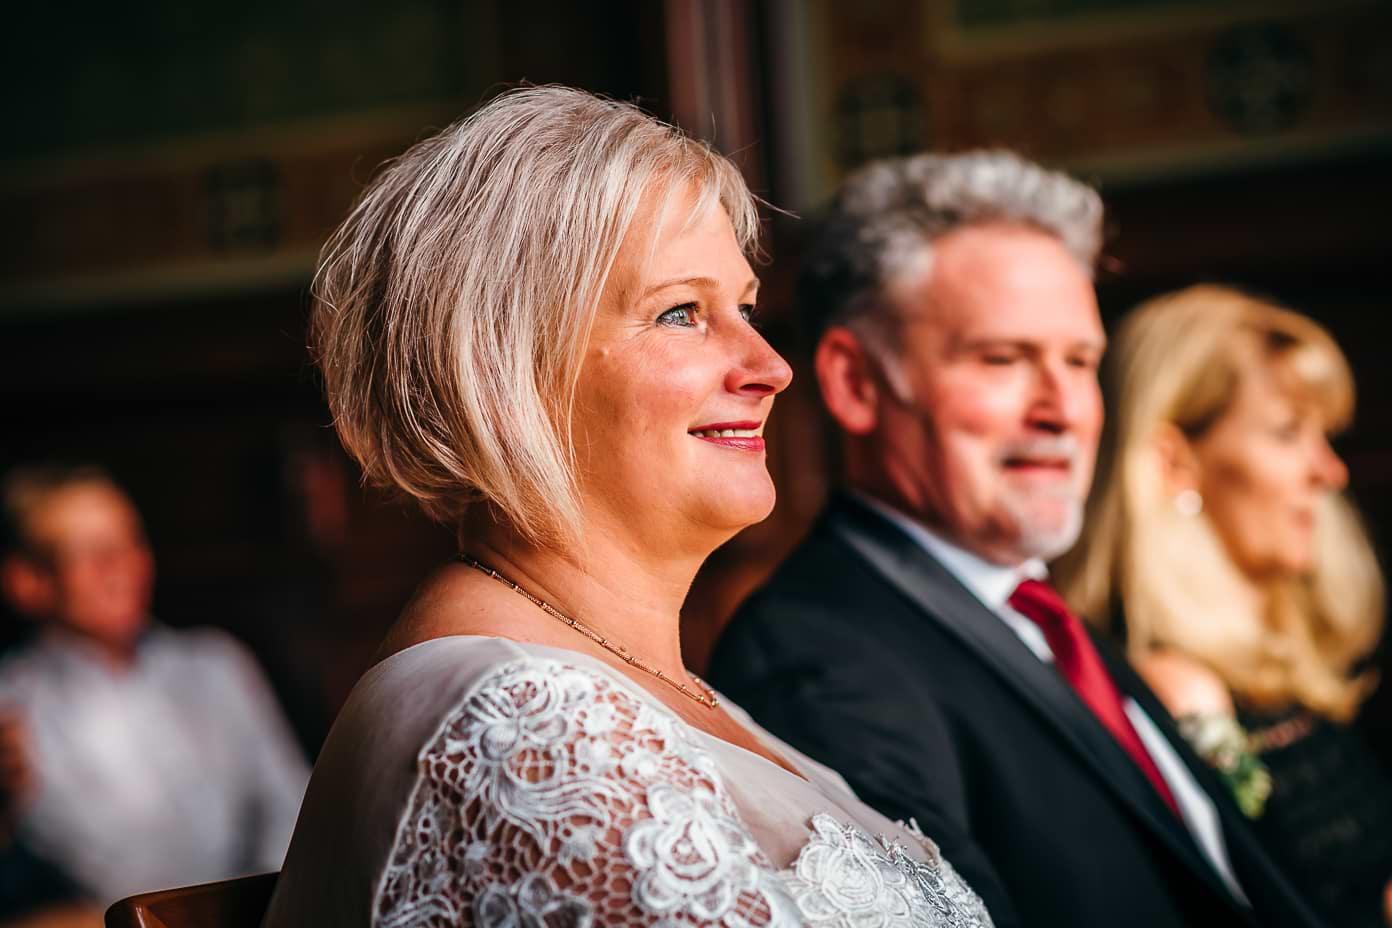 Braut bei der Trauung